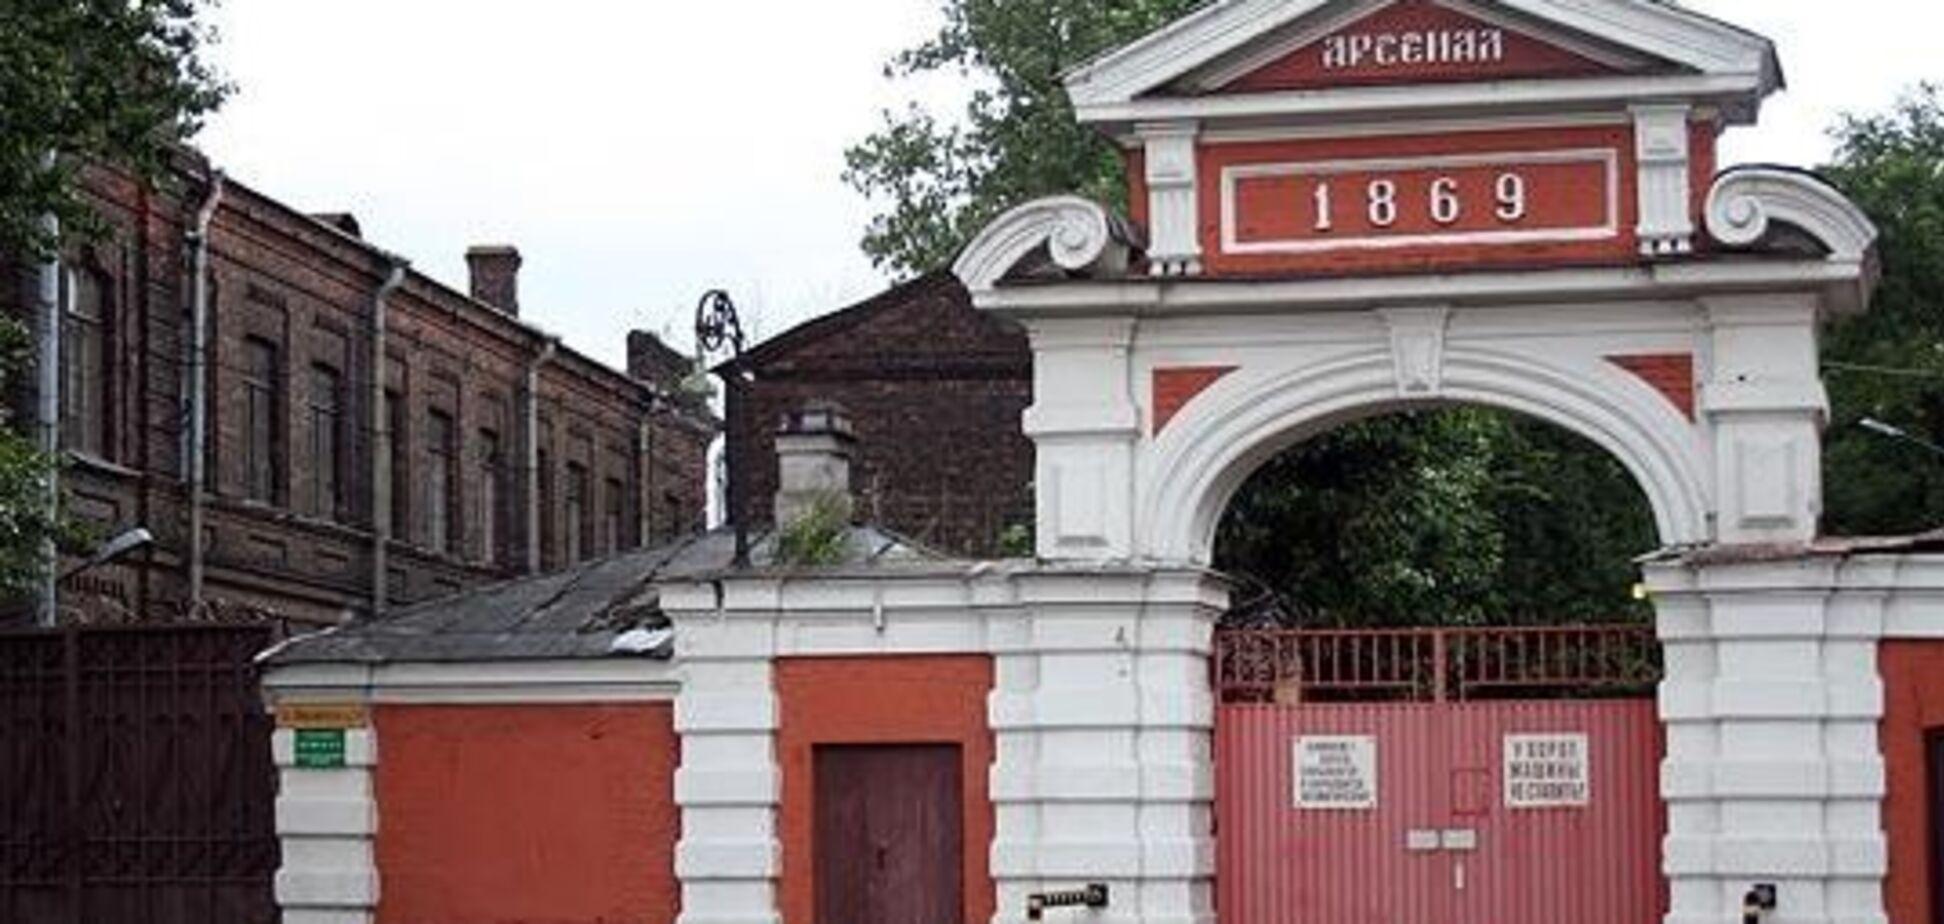 В центре Киева продадут под застройку часть знаменитого завода